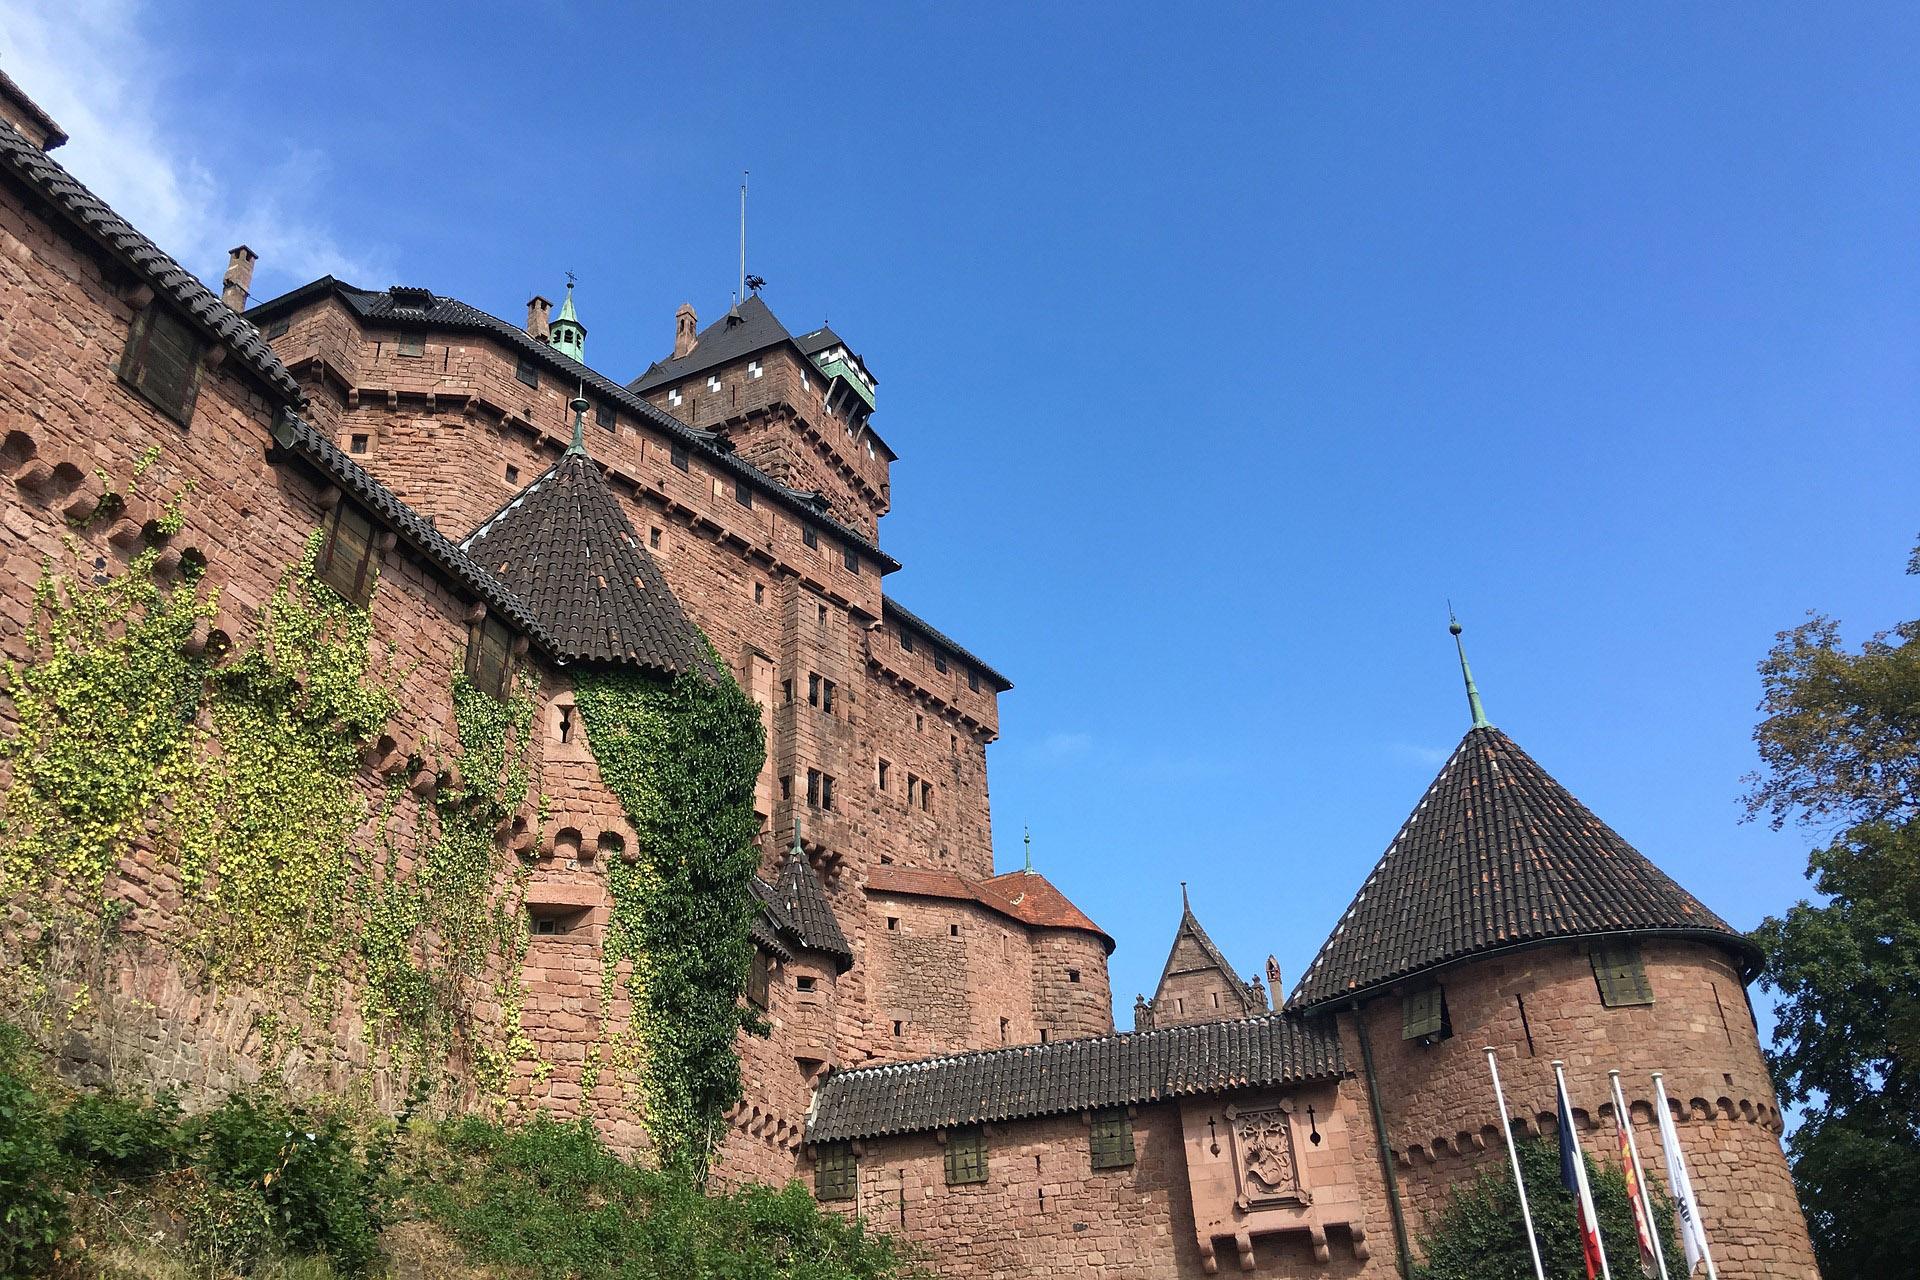 Château de Haut Koenigsbourg - Les Chambres de Clem'